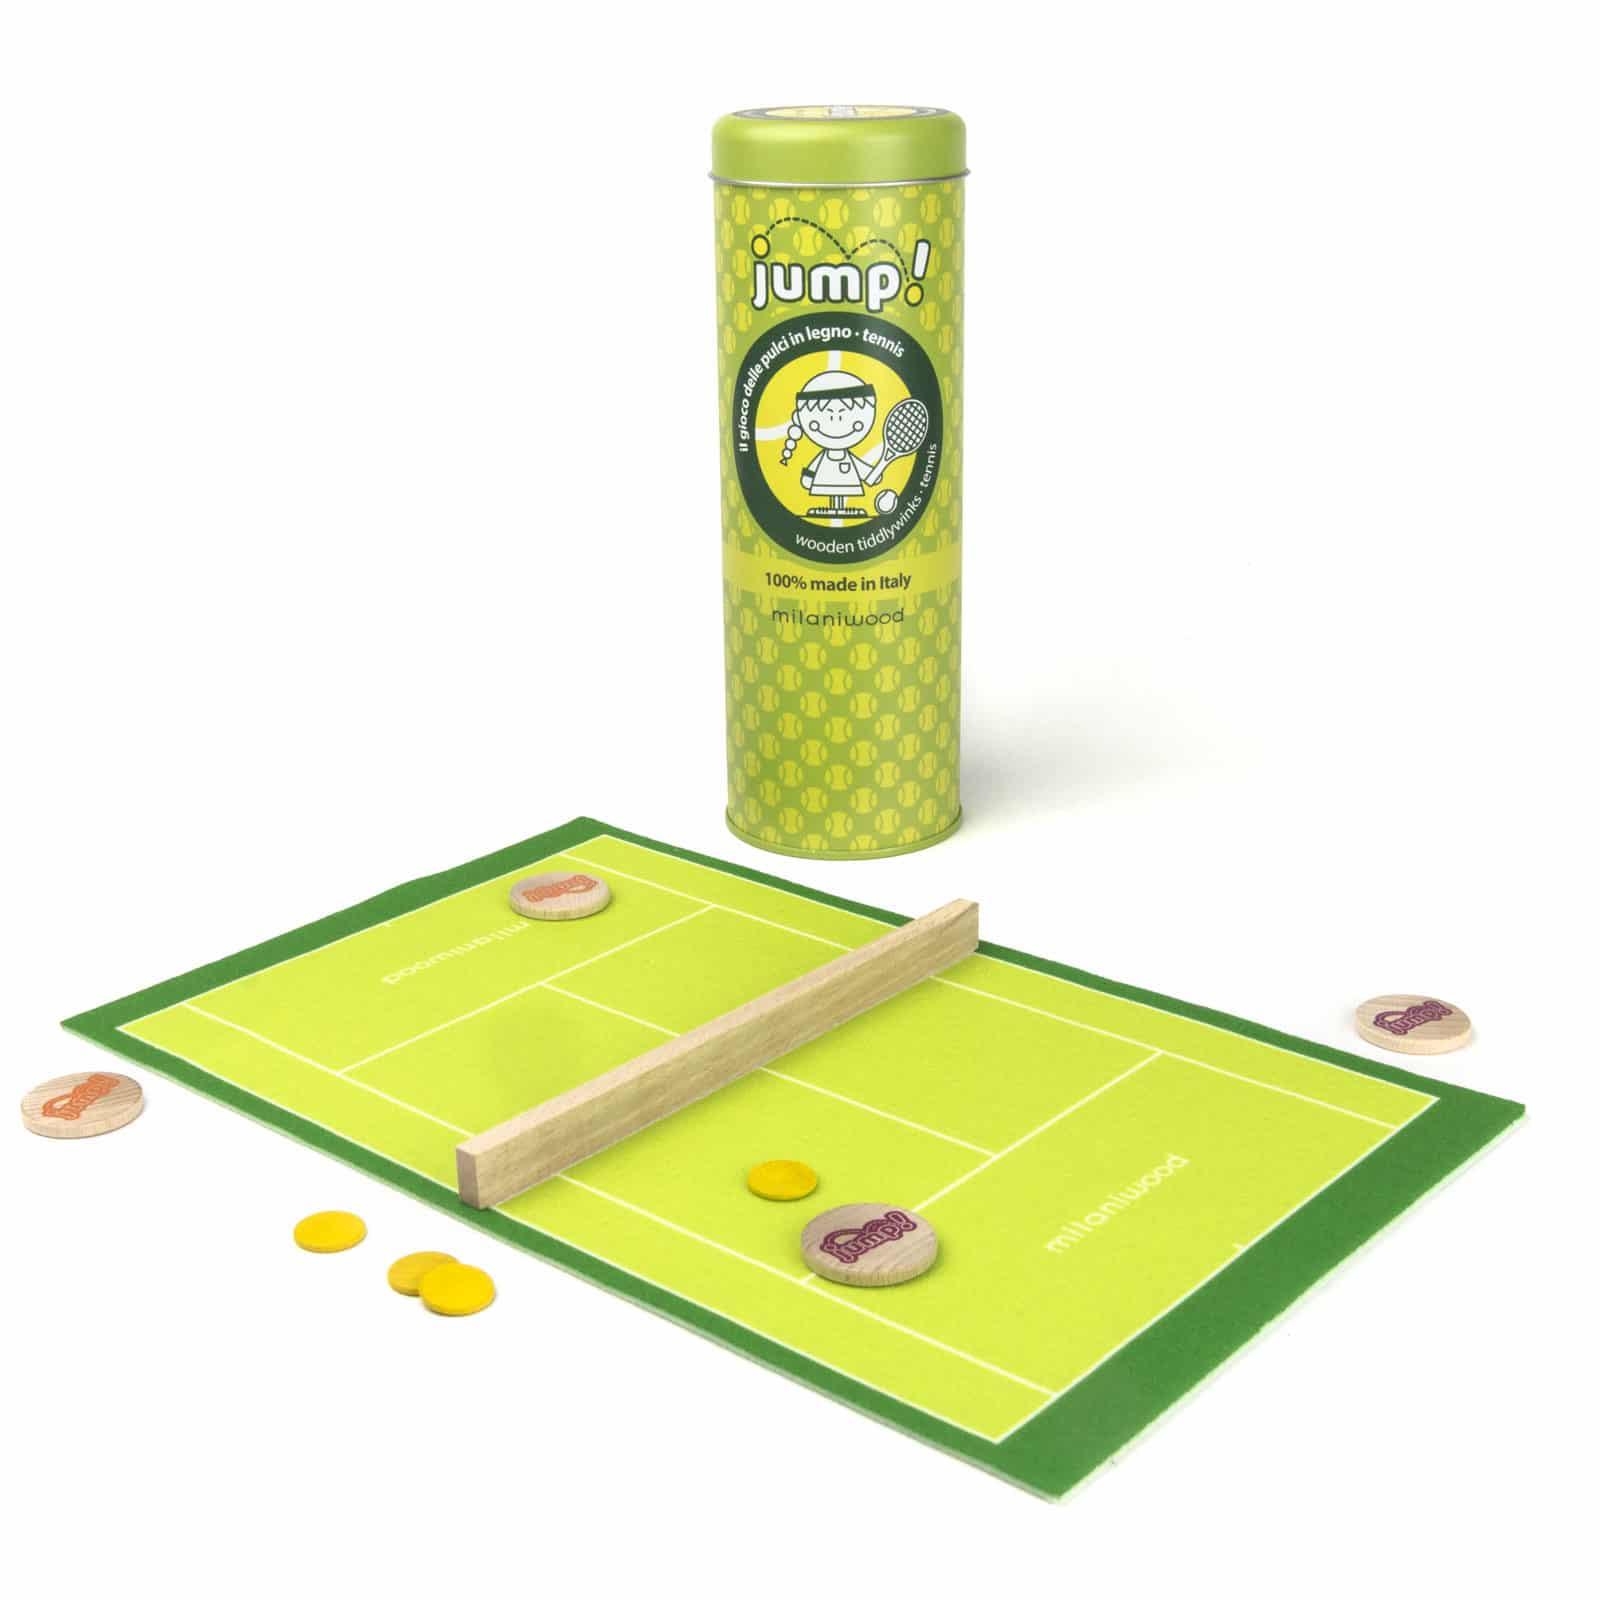 jump tennis gioco in legno 01